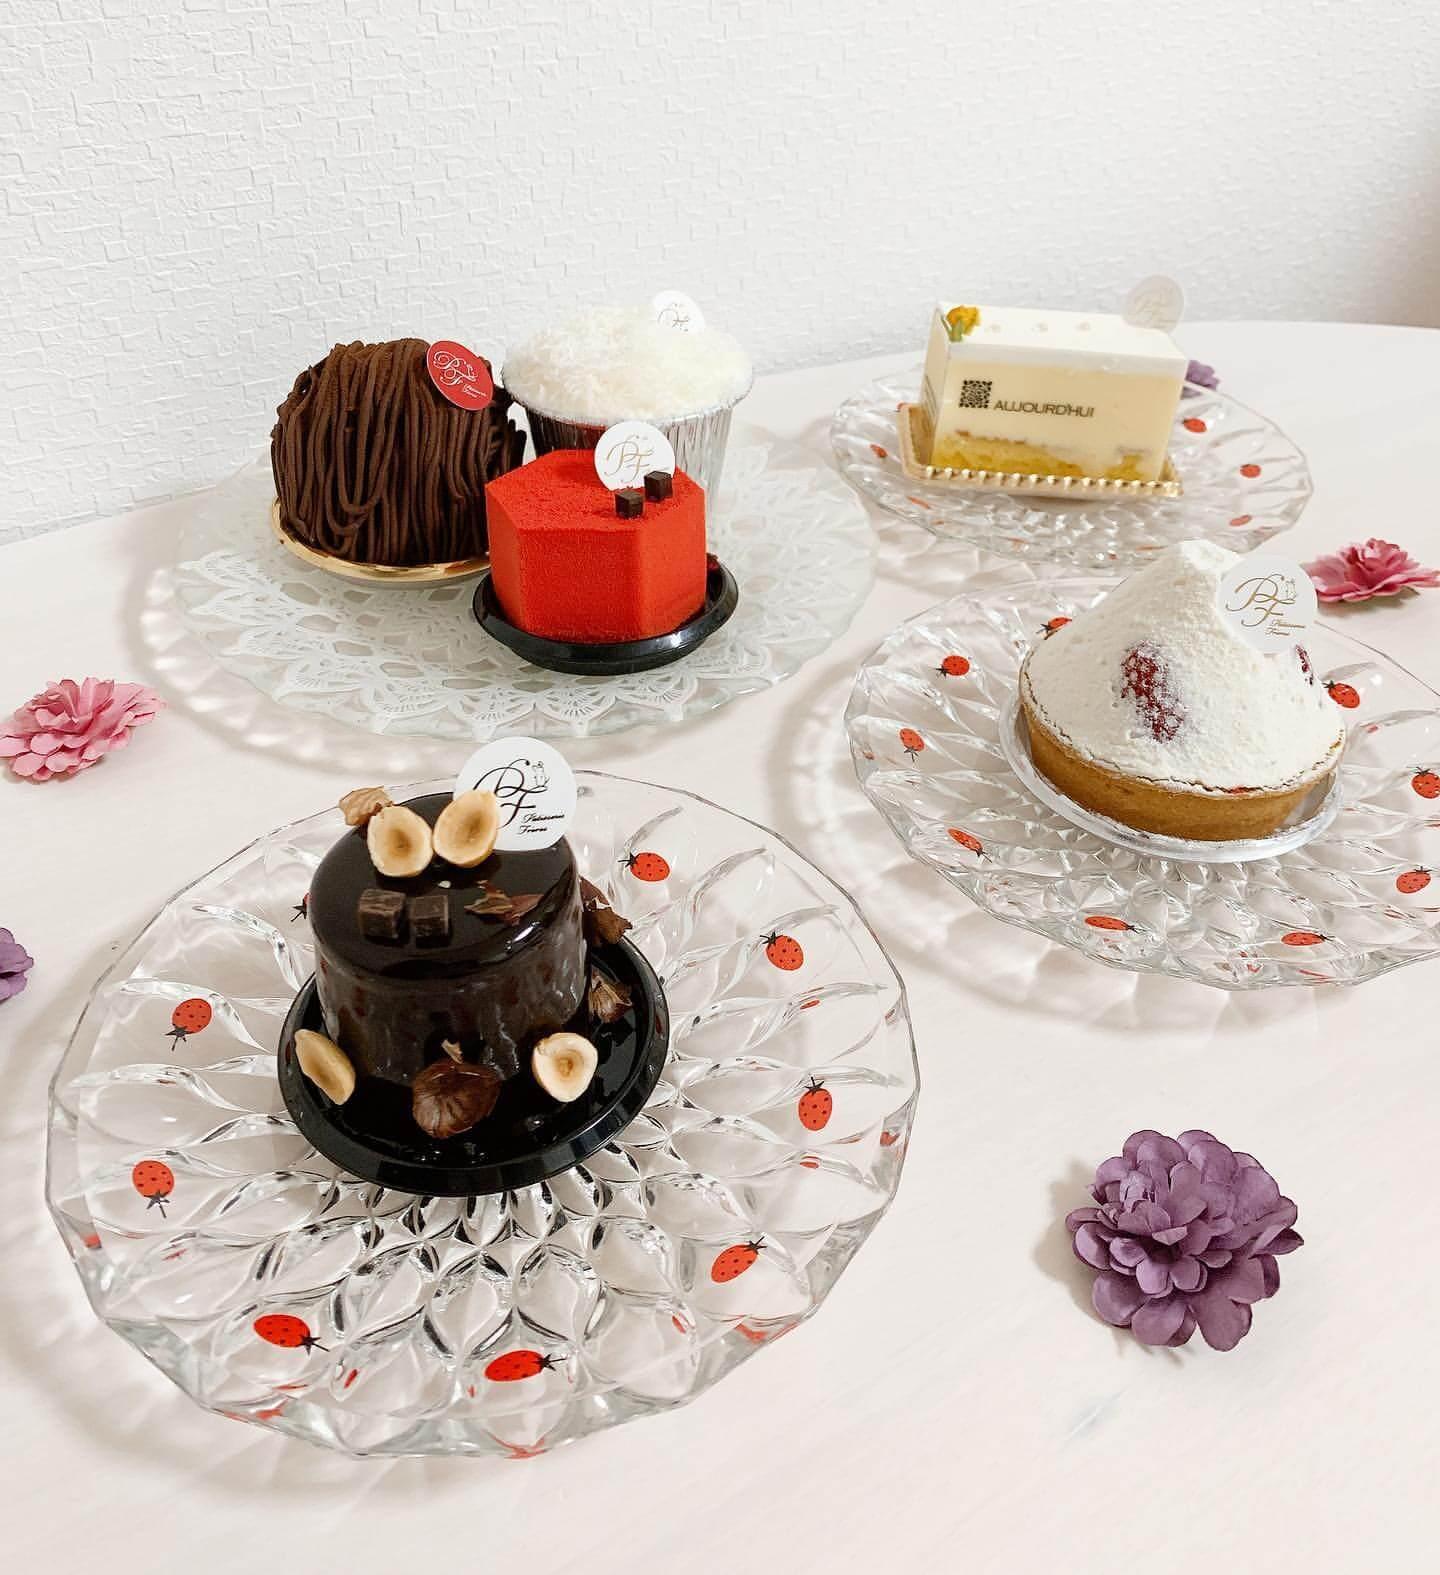 パティスリーフレールのケーキ各種